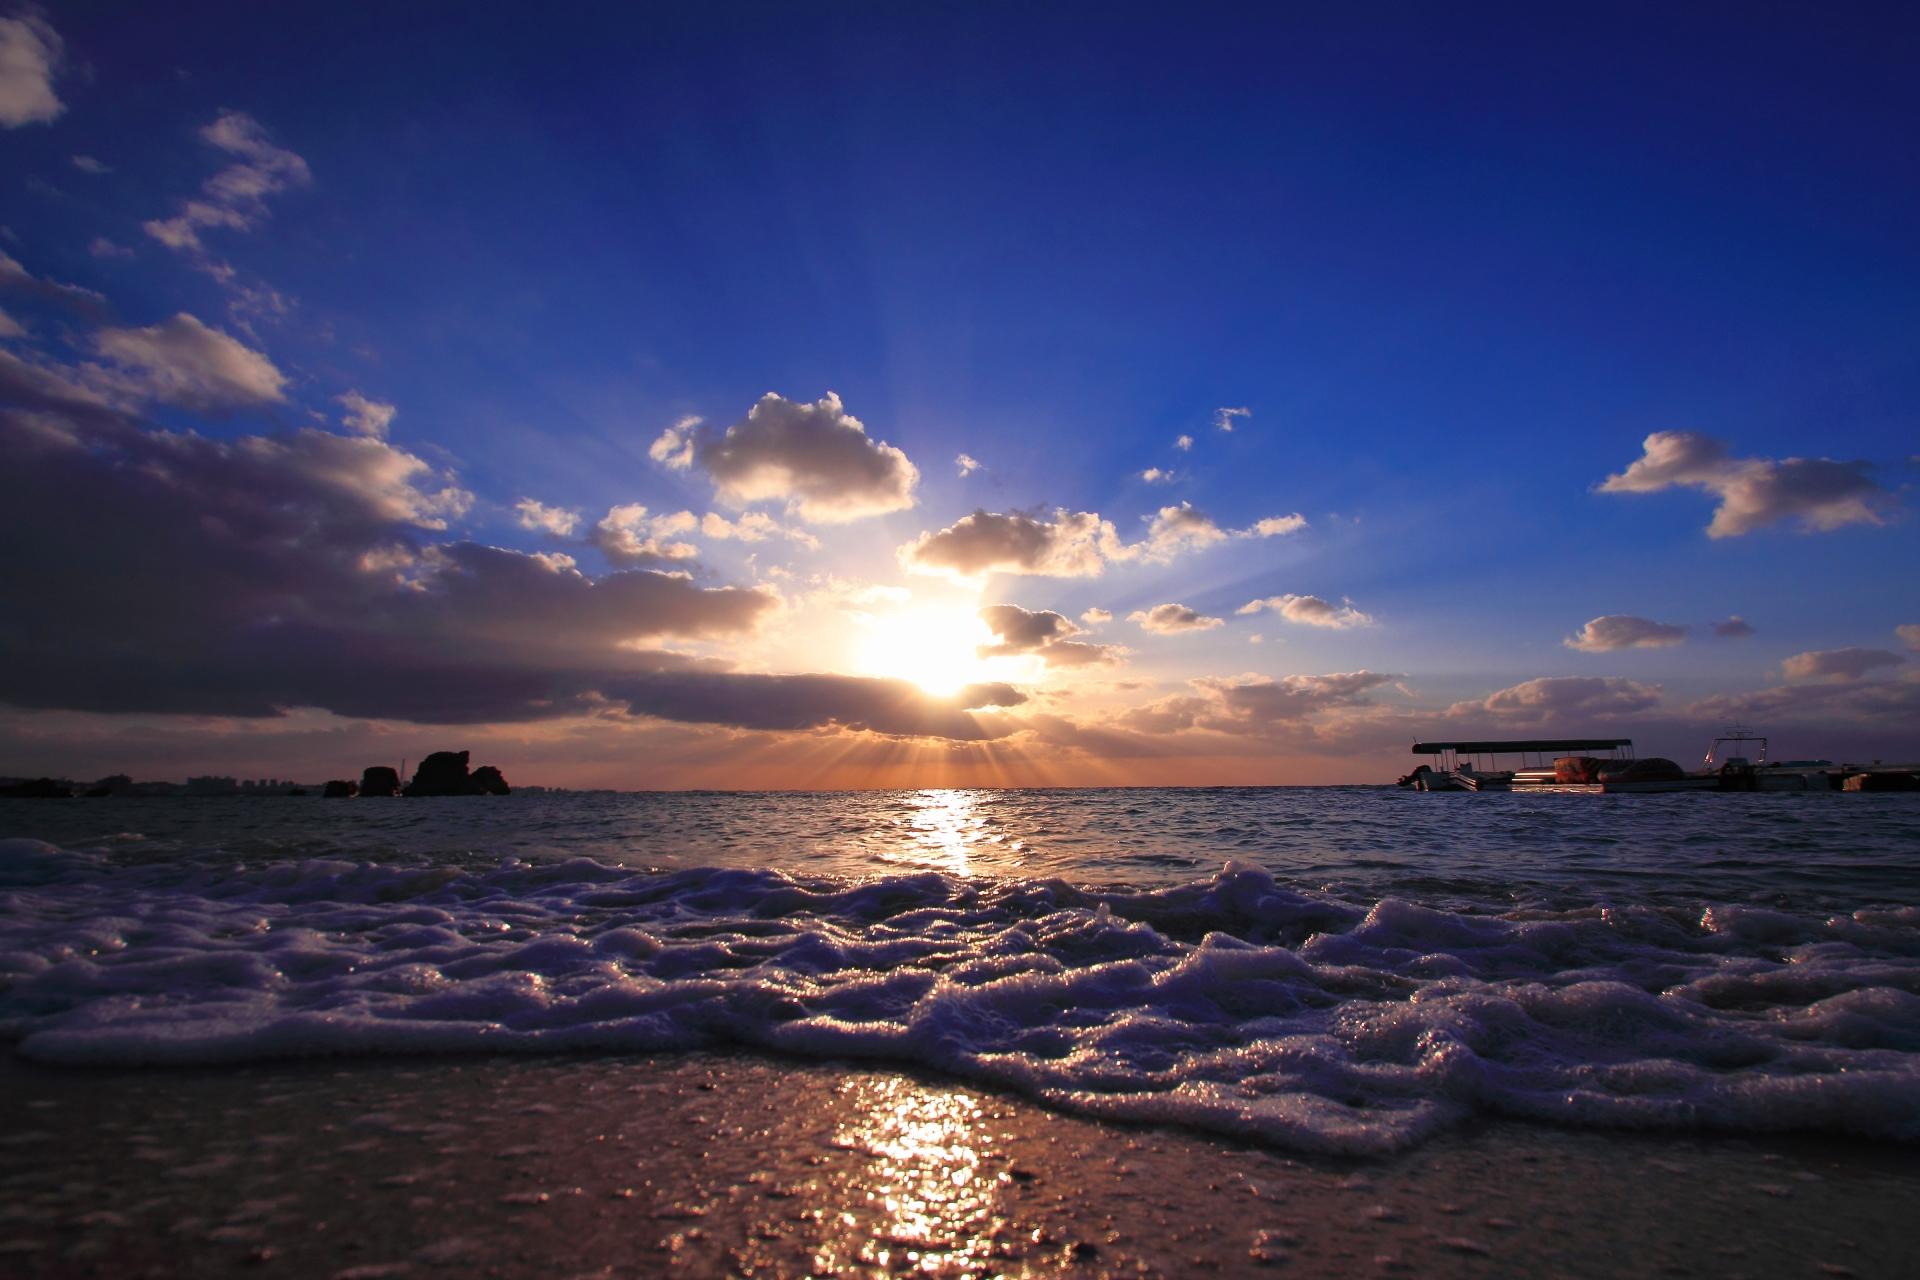 石垣島の早朝は魅力盛りだくさん♪早起きの徳を紹介! | 石垣島ツアーズ